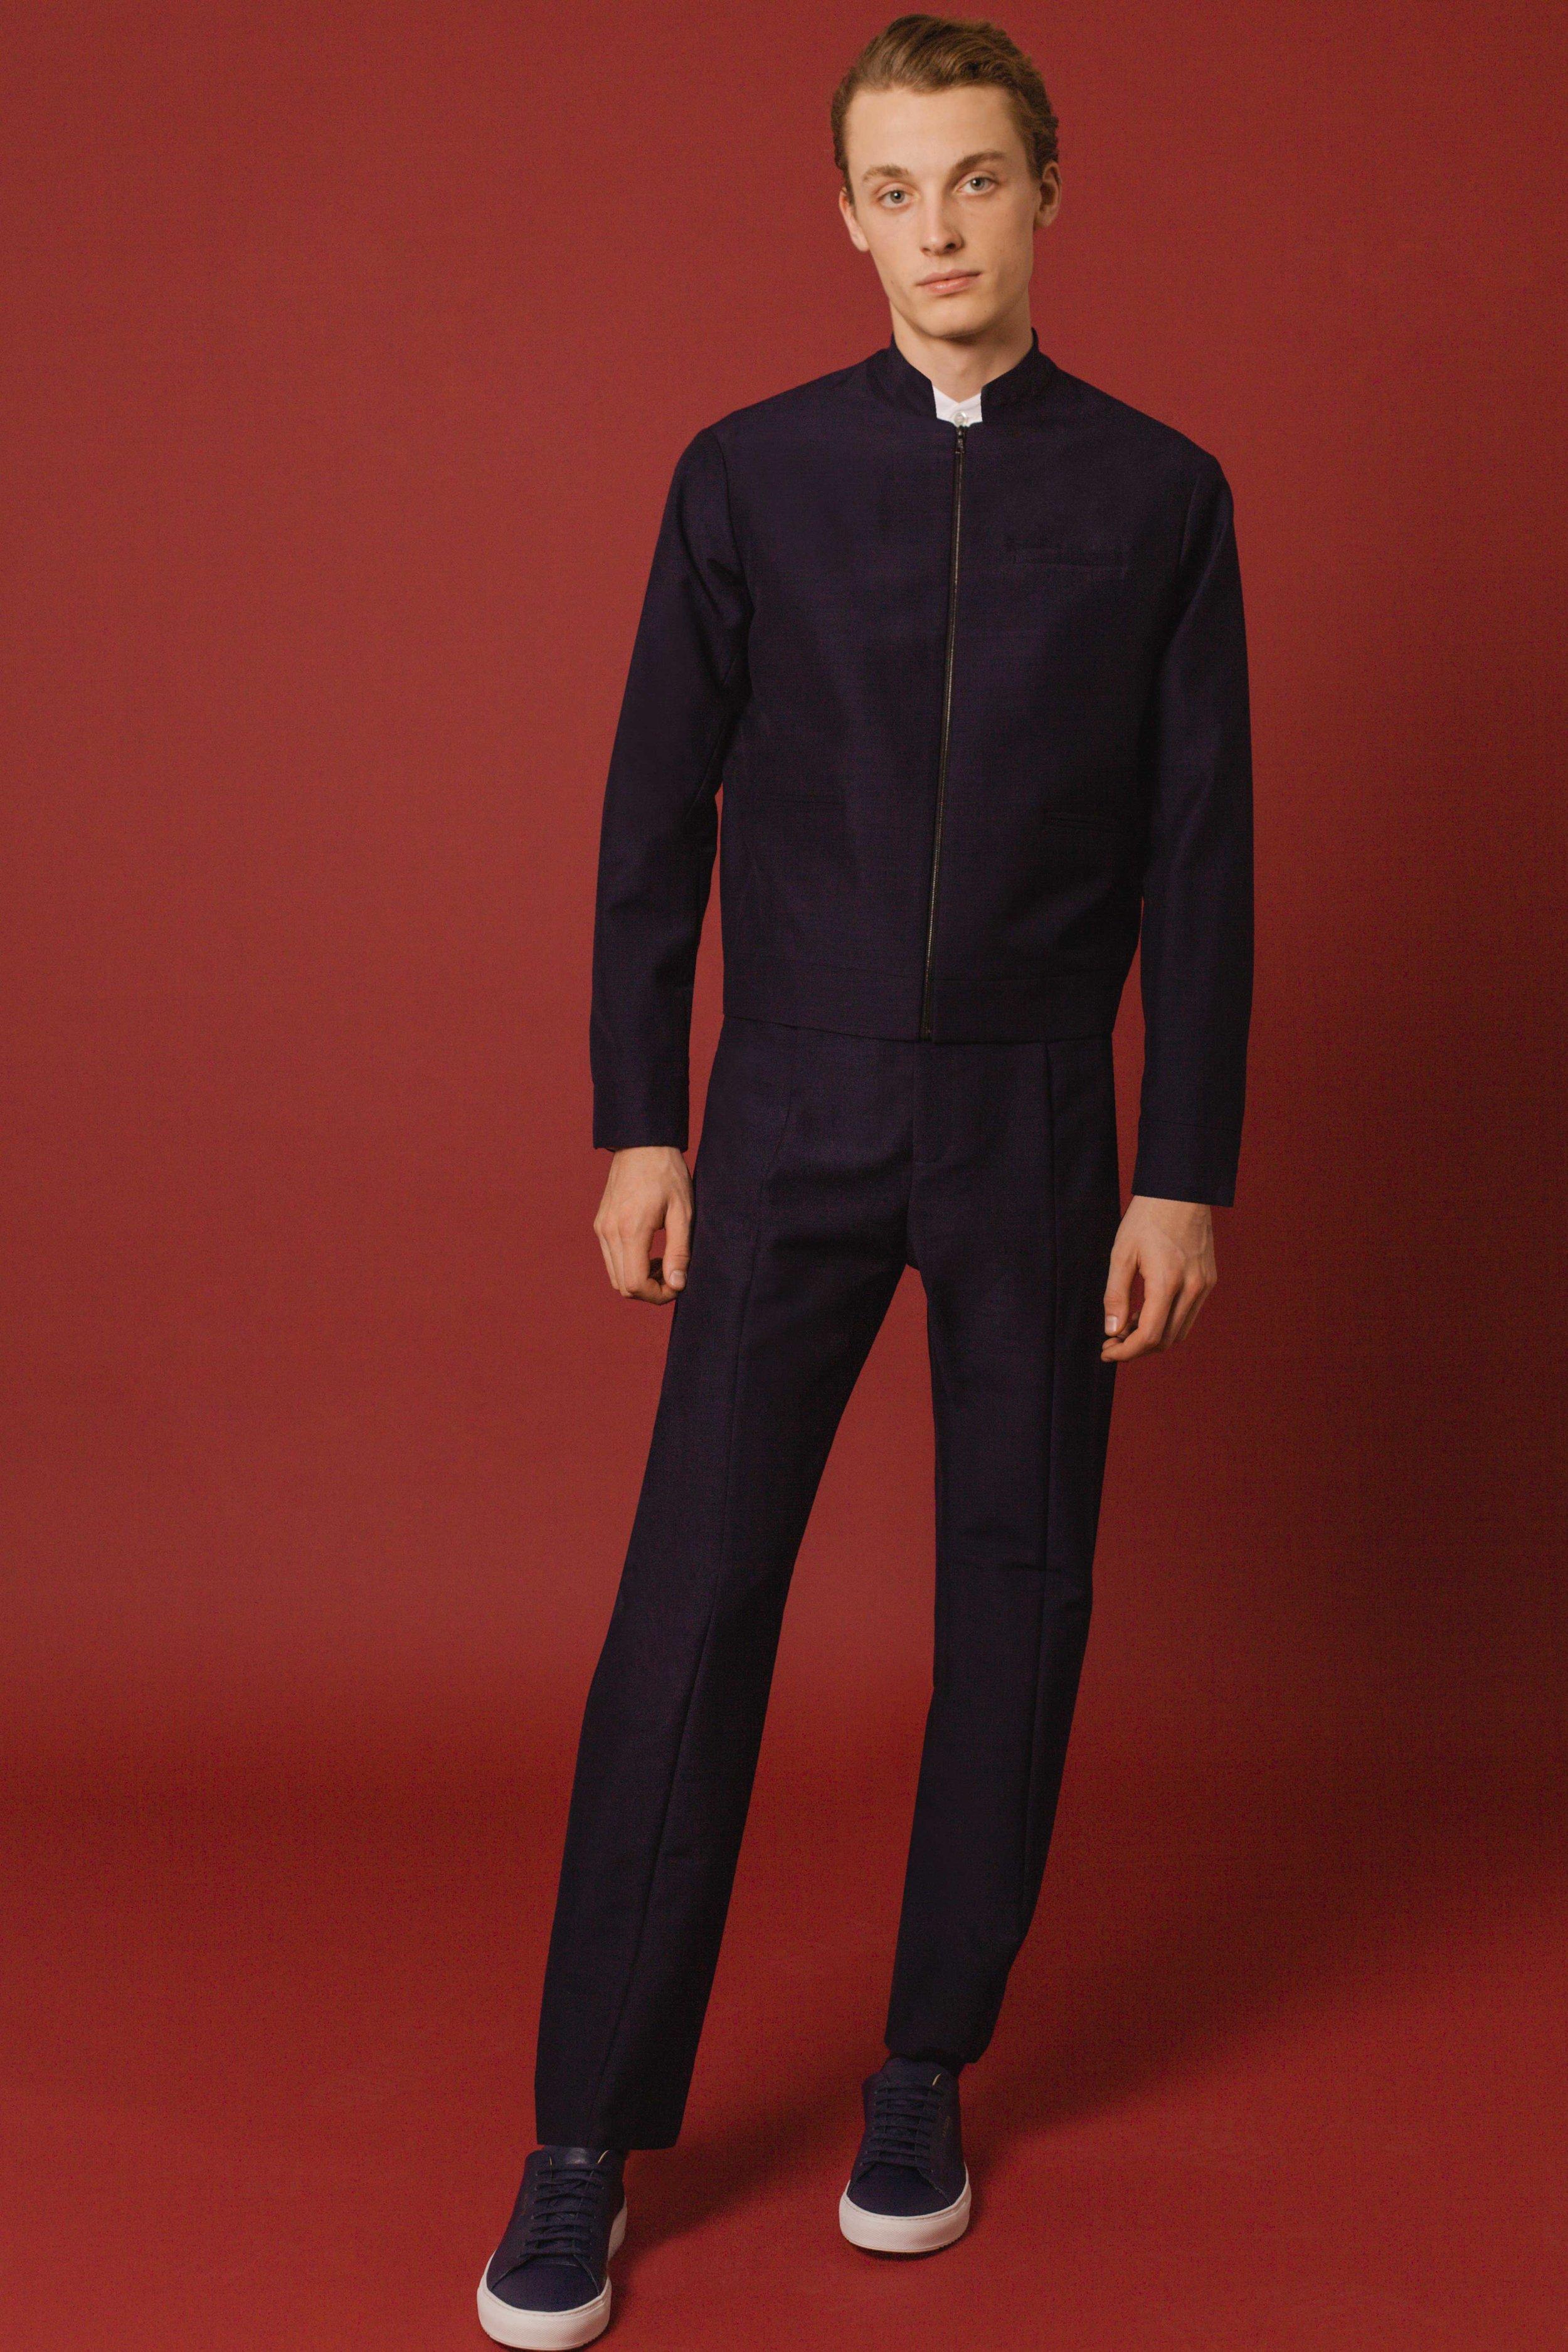 Blouson bomber navy mohair Jodhpur trousers navy mohair Made in England